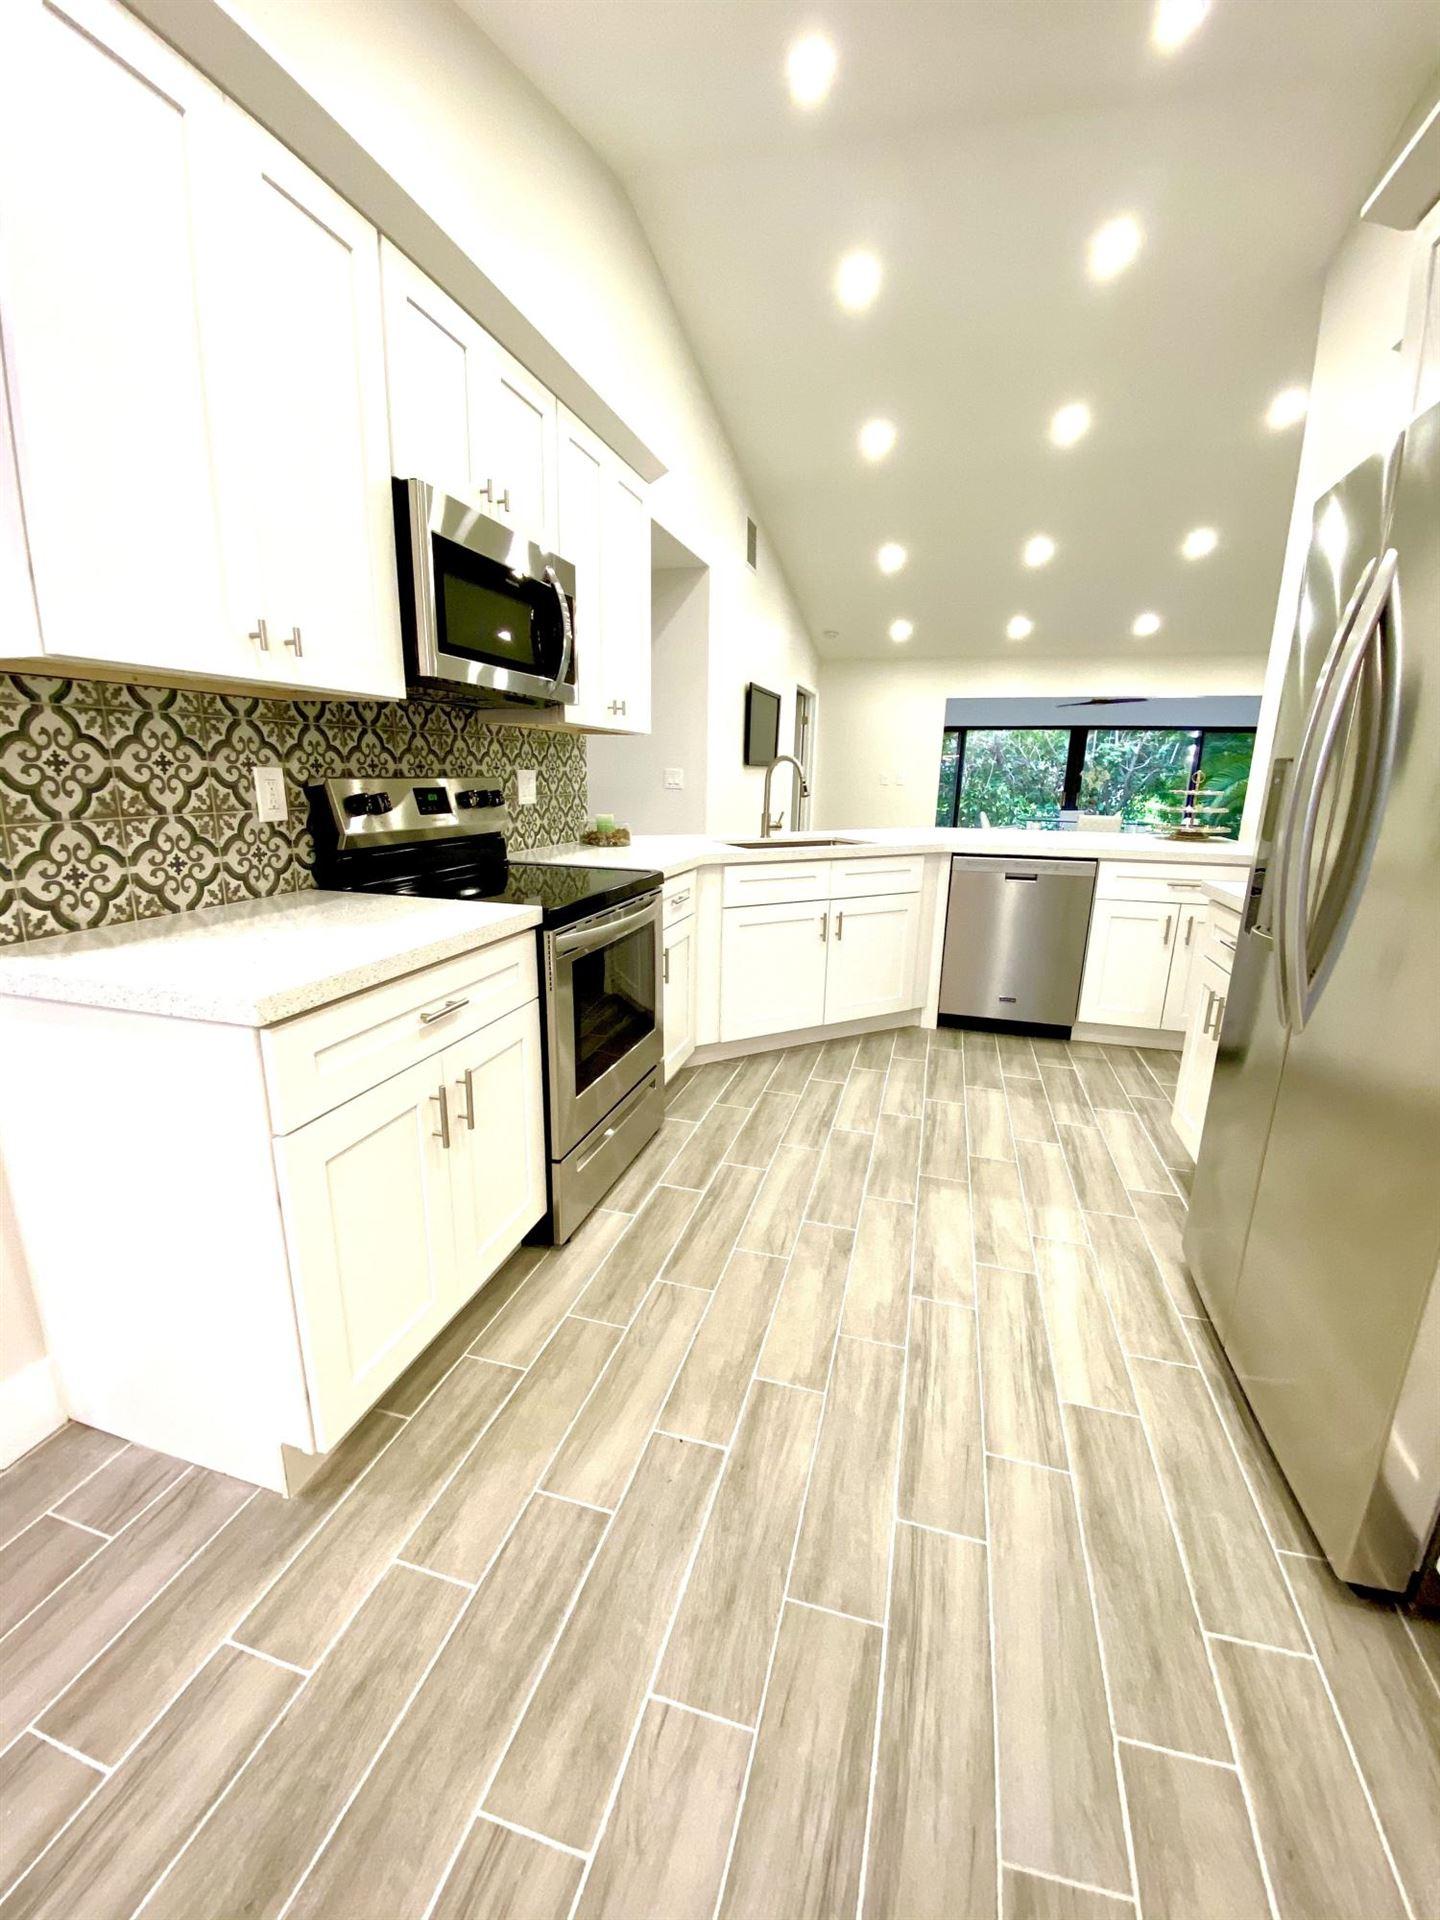 5040 Pine Drive, Boynton Beach, FL 33437 - #: RX-10665449